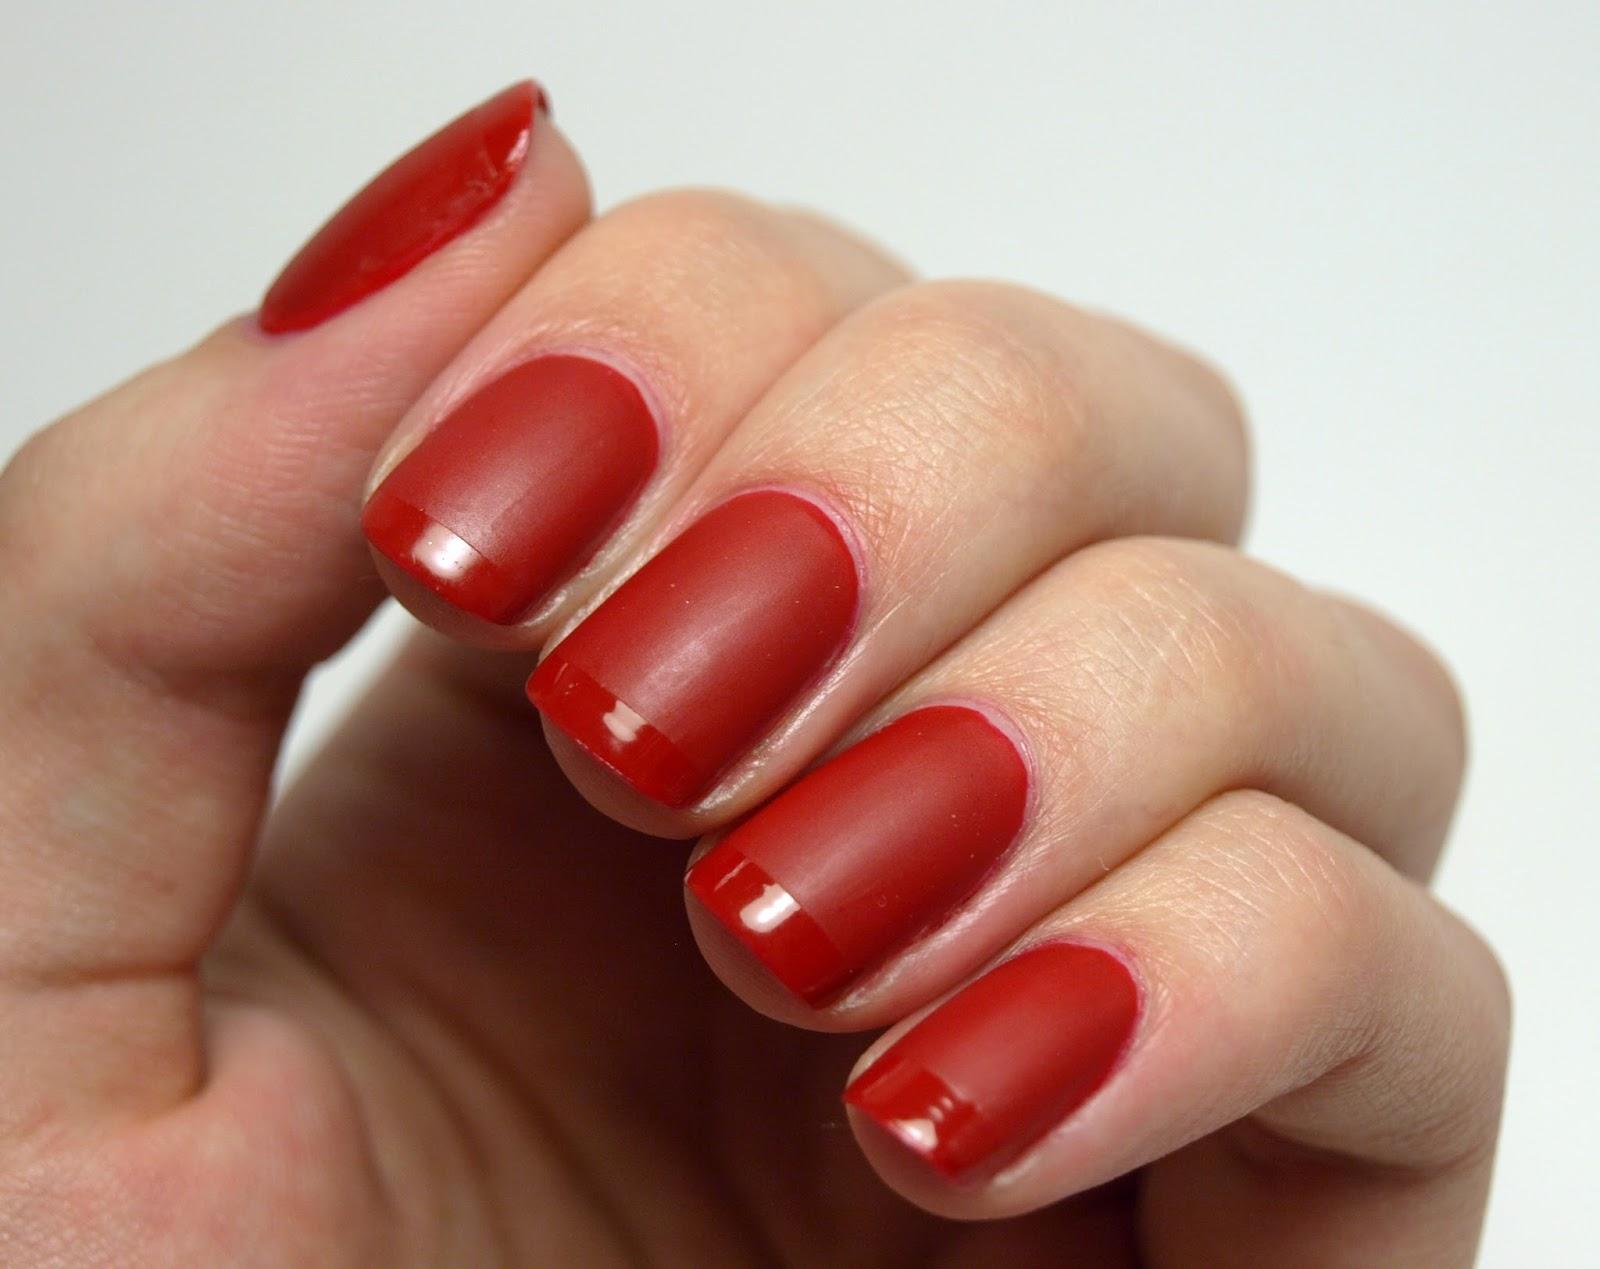 Дизайн ногтей для начинающих пошагово фото френч Вензеля на ногтях: фото, видео, как рисовать